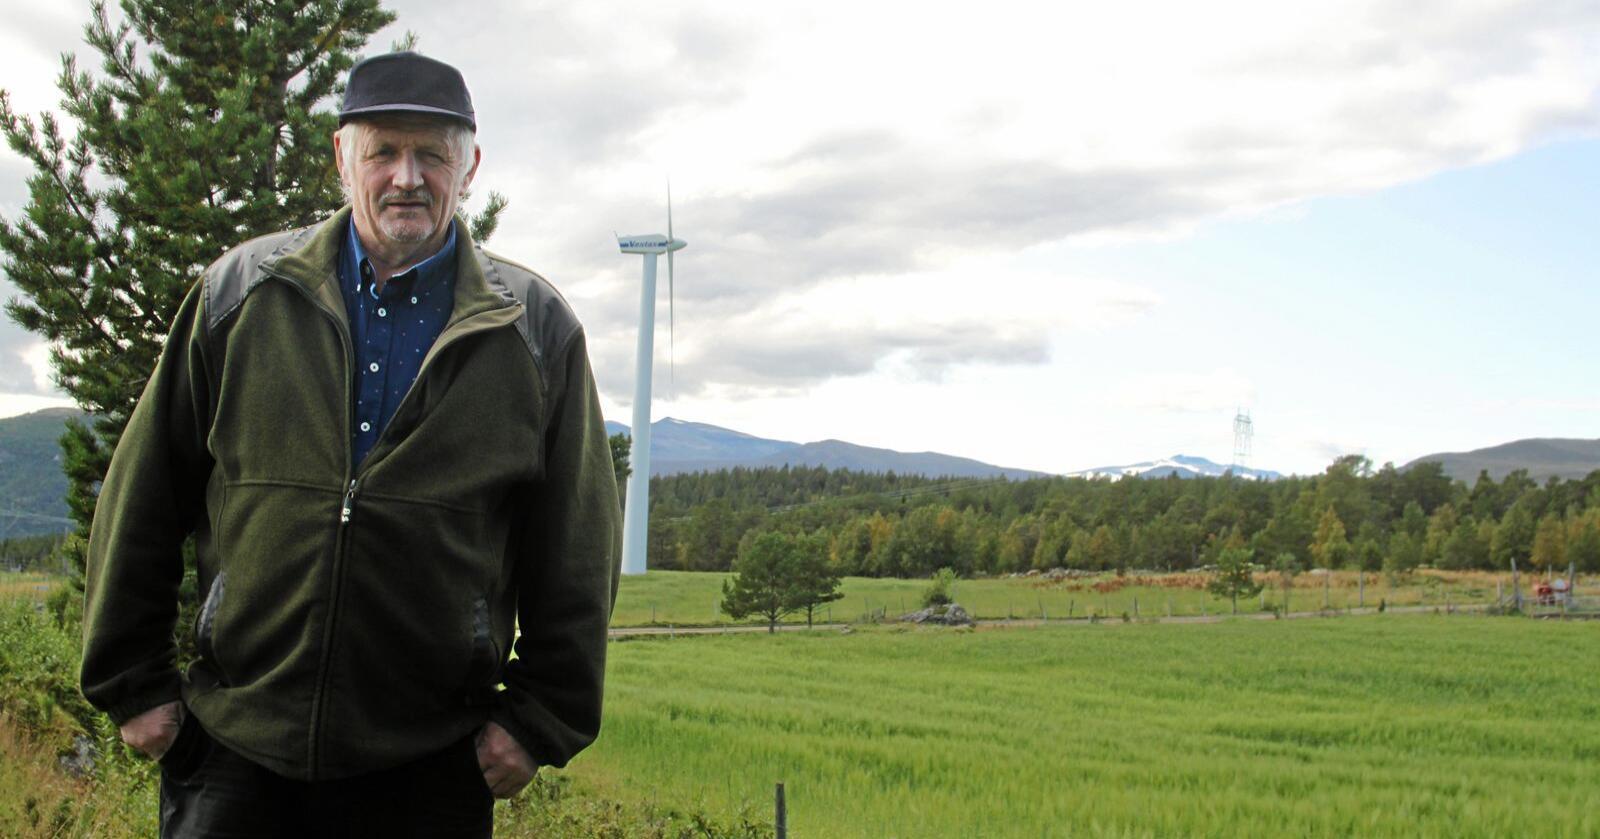 Bonde Erling Lusæter ser nå store muligheter for et nytt slakteri basert på rike, bærekraftige beiteressurser i regionen. Foto: Lars Bilit Hagen